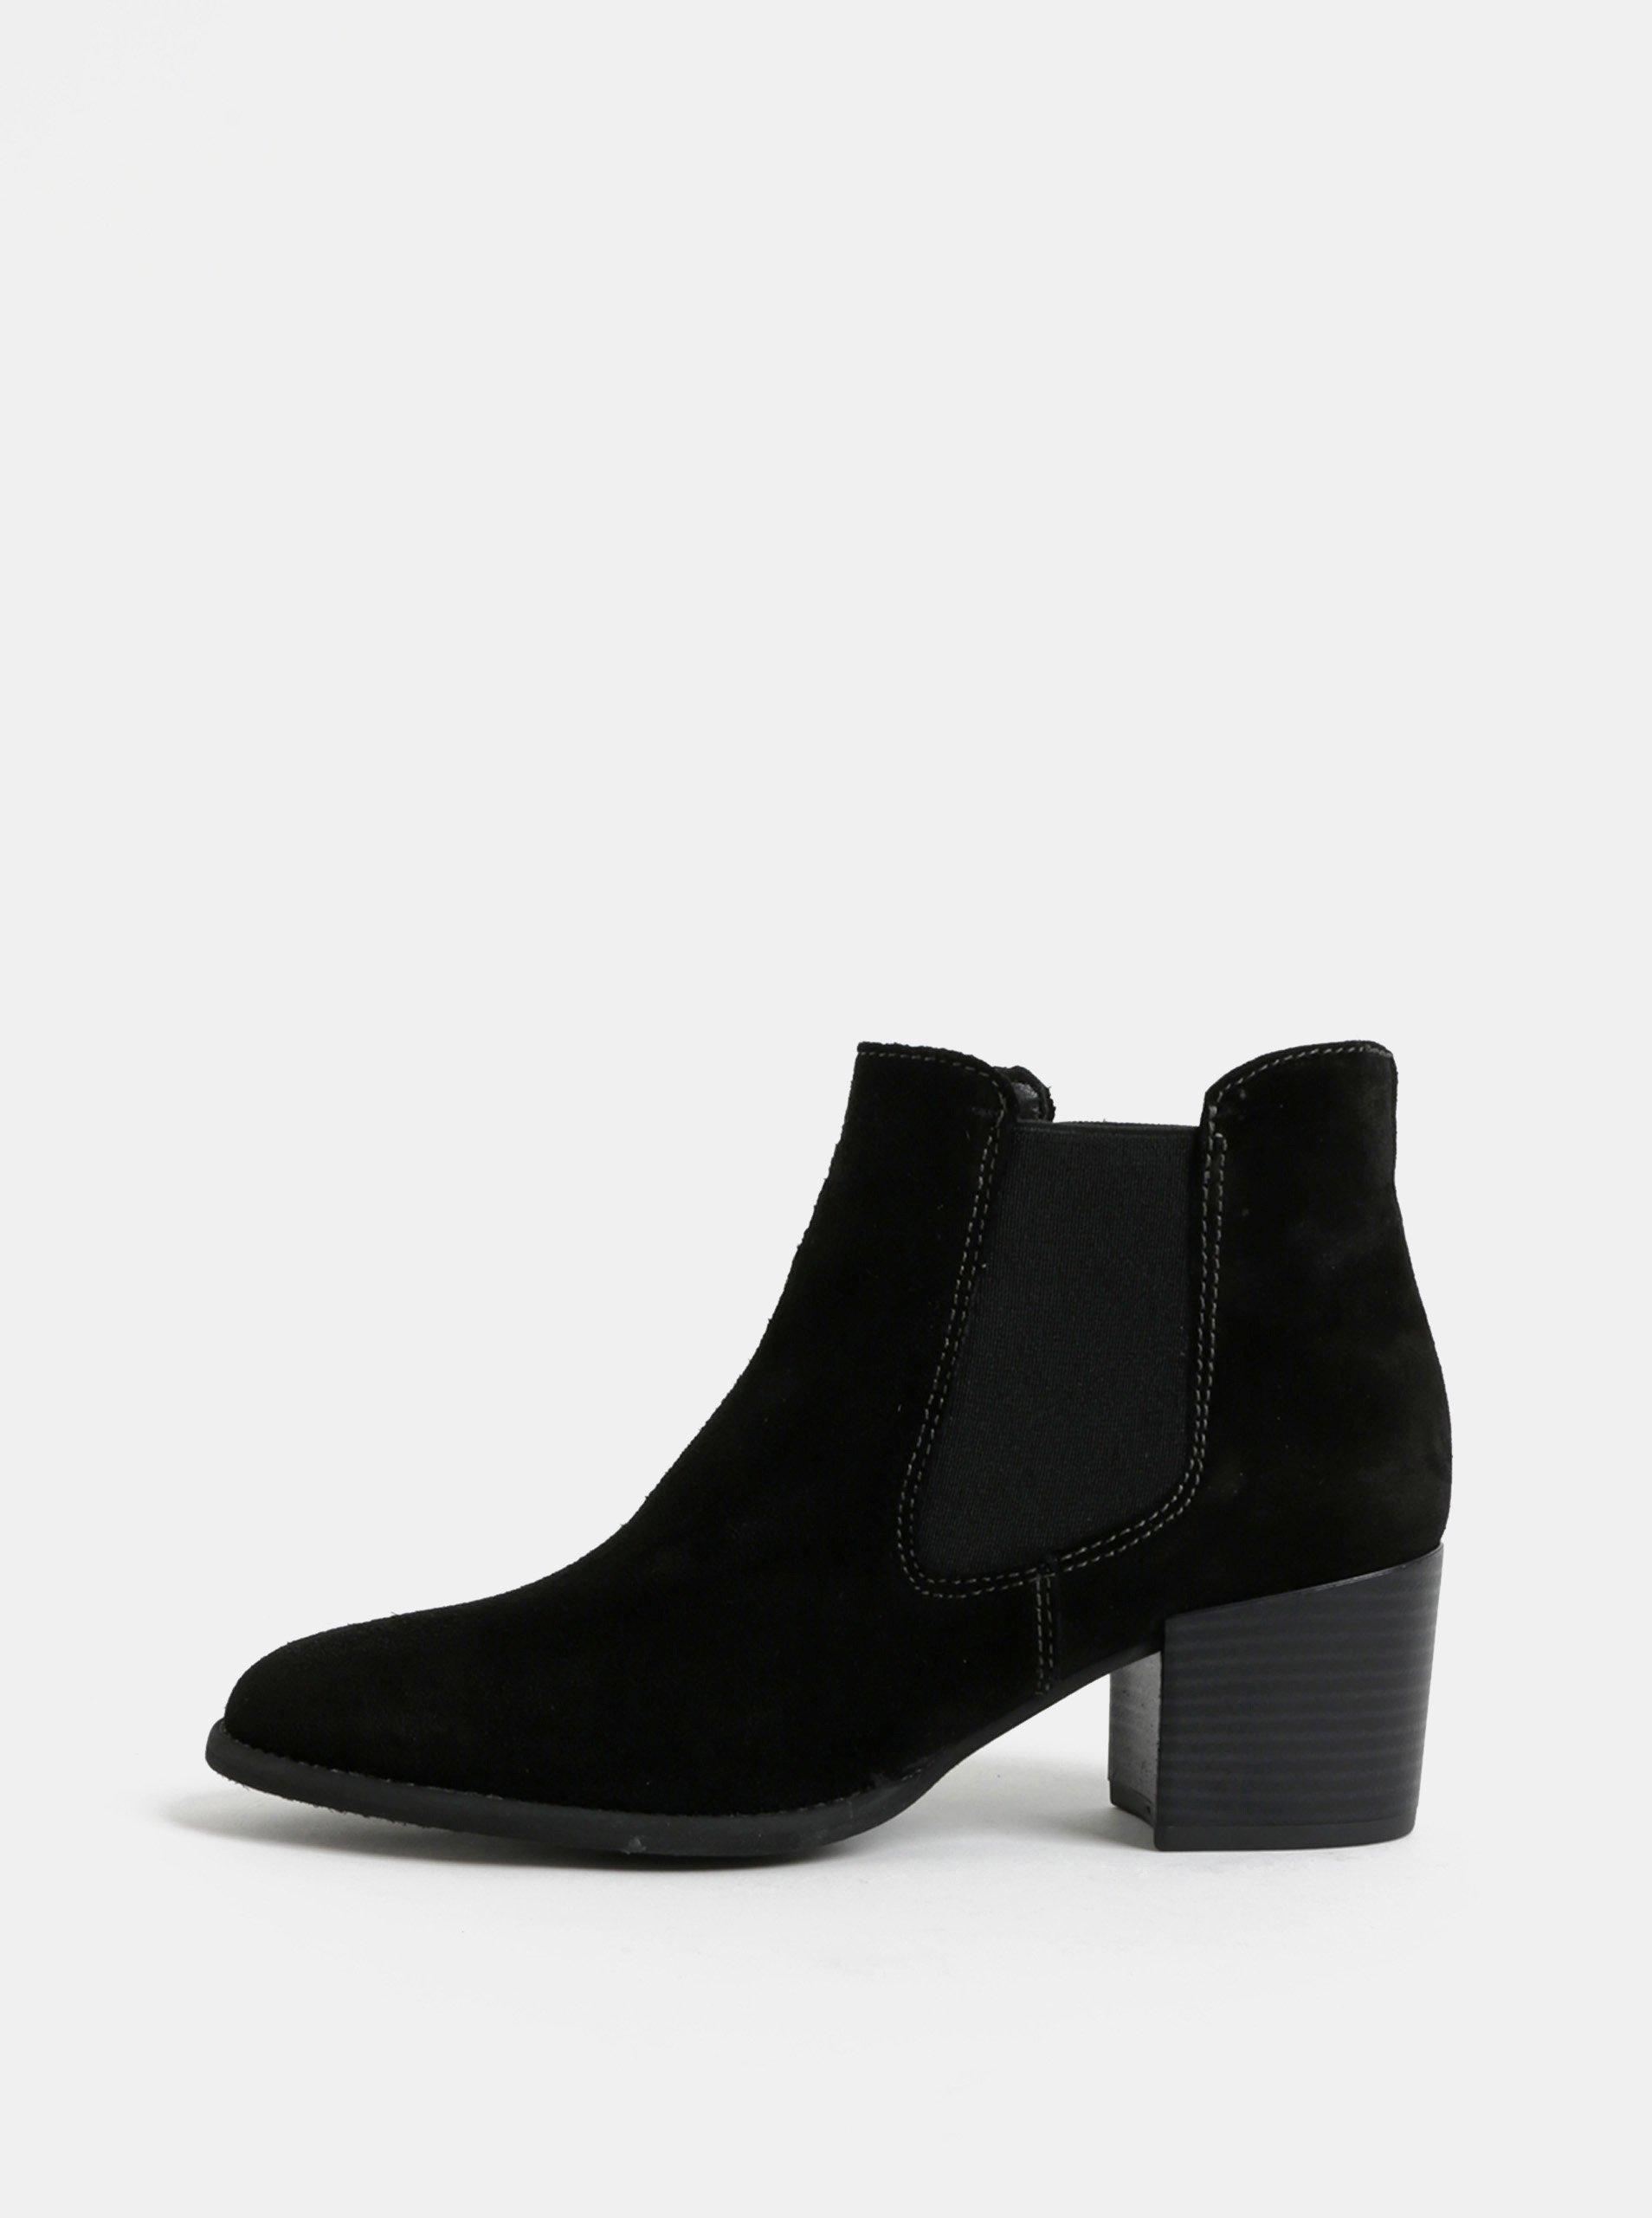 76ff79f5136 Černé semišové chelsea boty na podpatku Tamaris